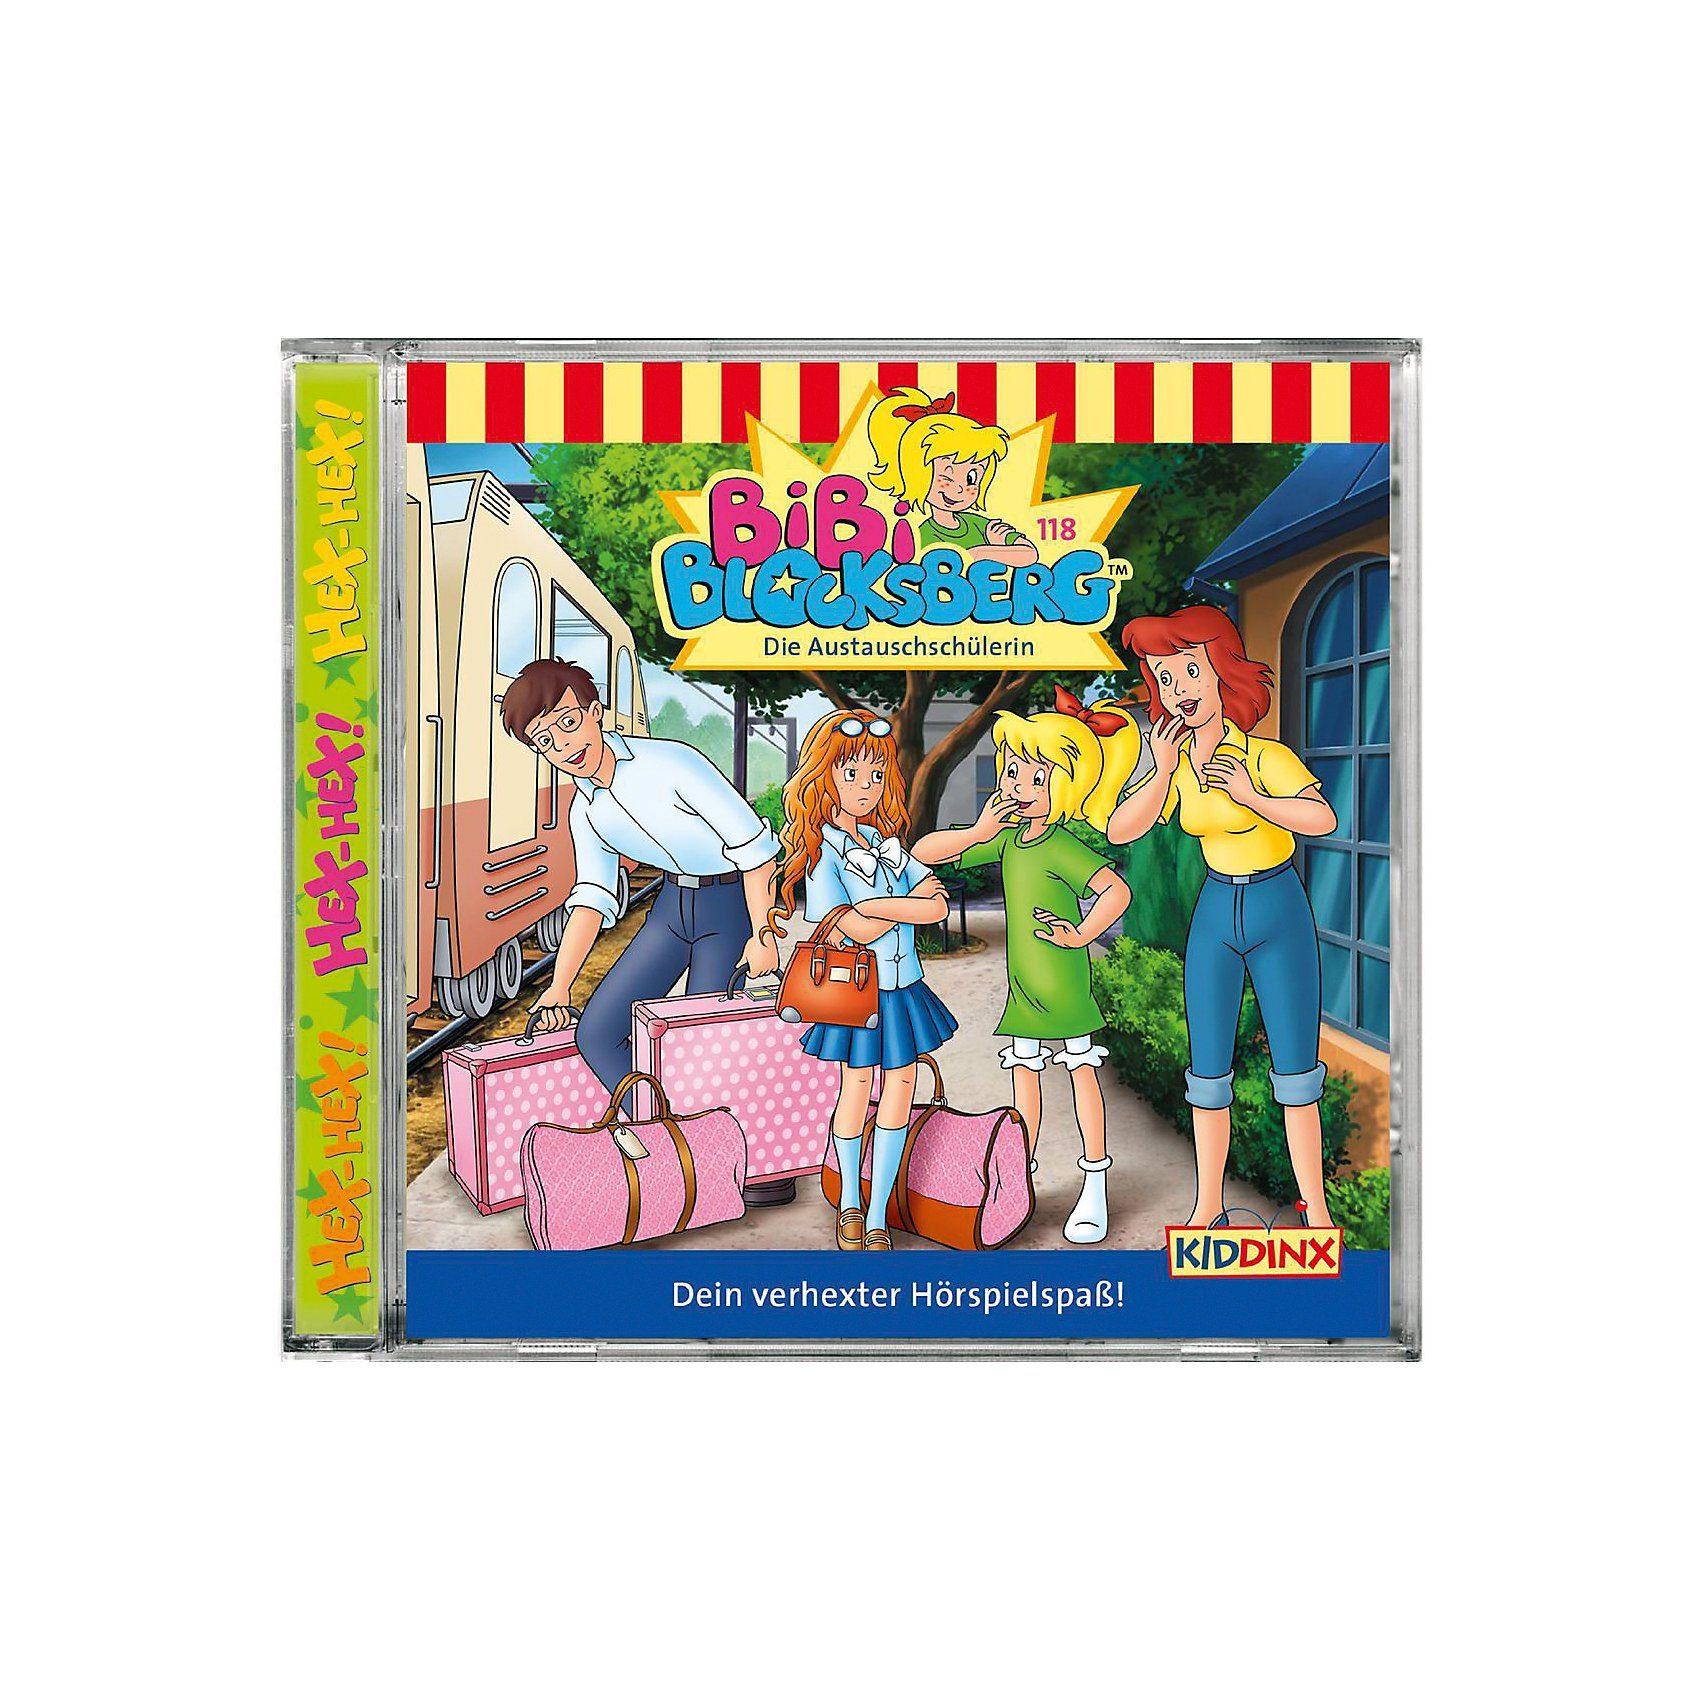 Kiddinx CD Bibi Blocksberg - Die Austauschschülerin 118